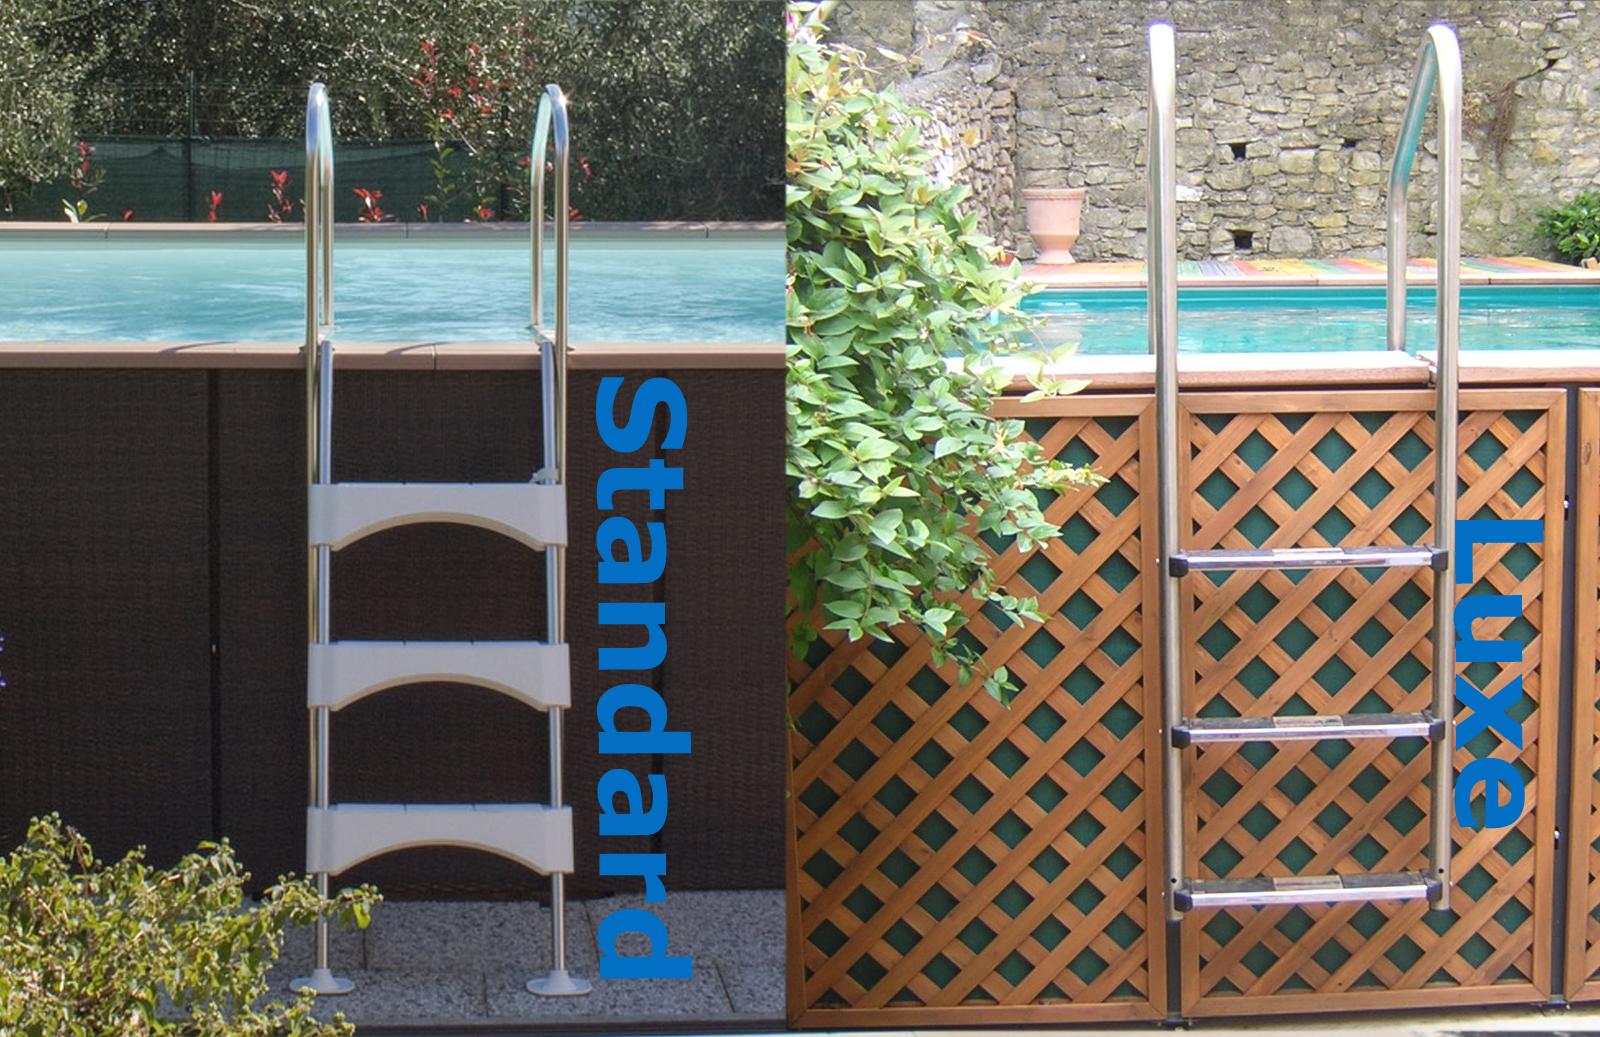 piscine laghetto dolcevita woody hors sol et panneaux d'habillage bois